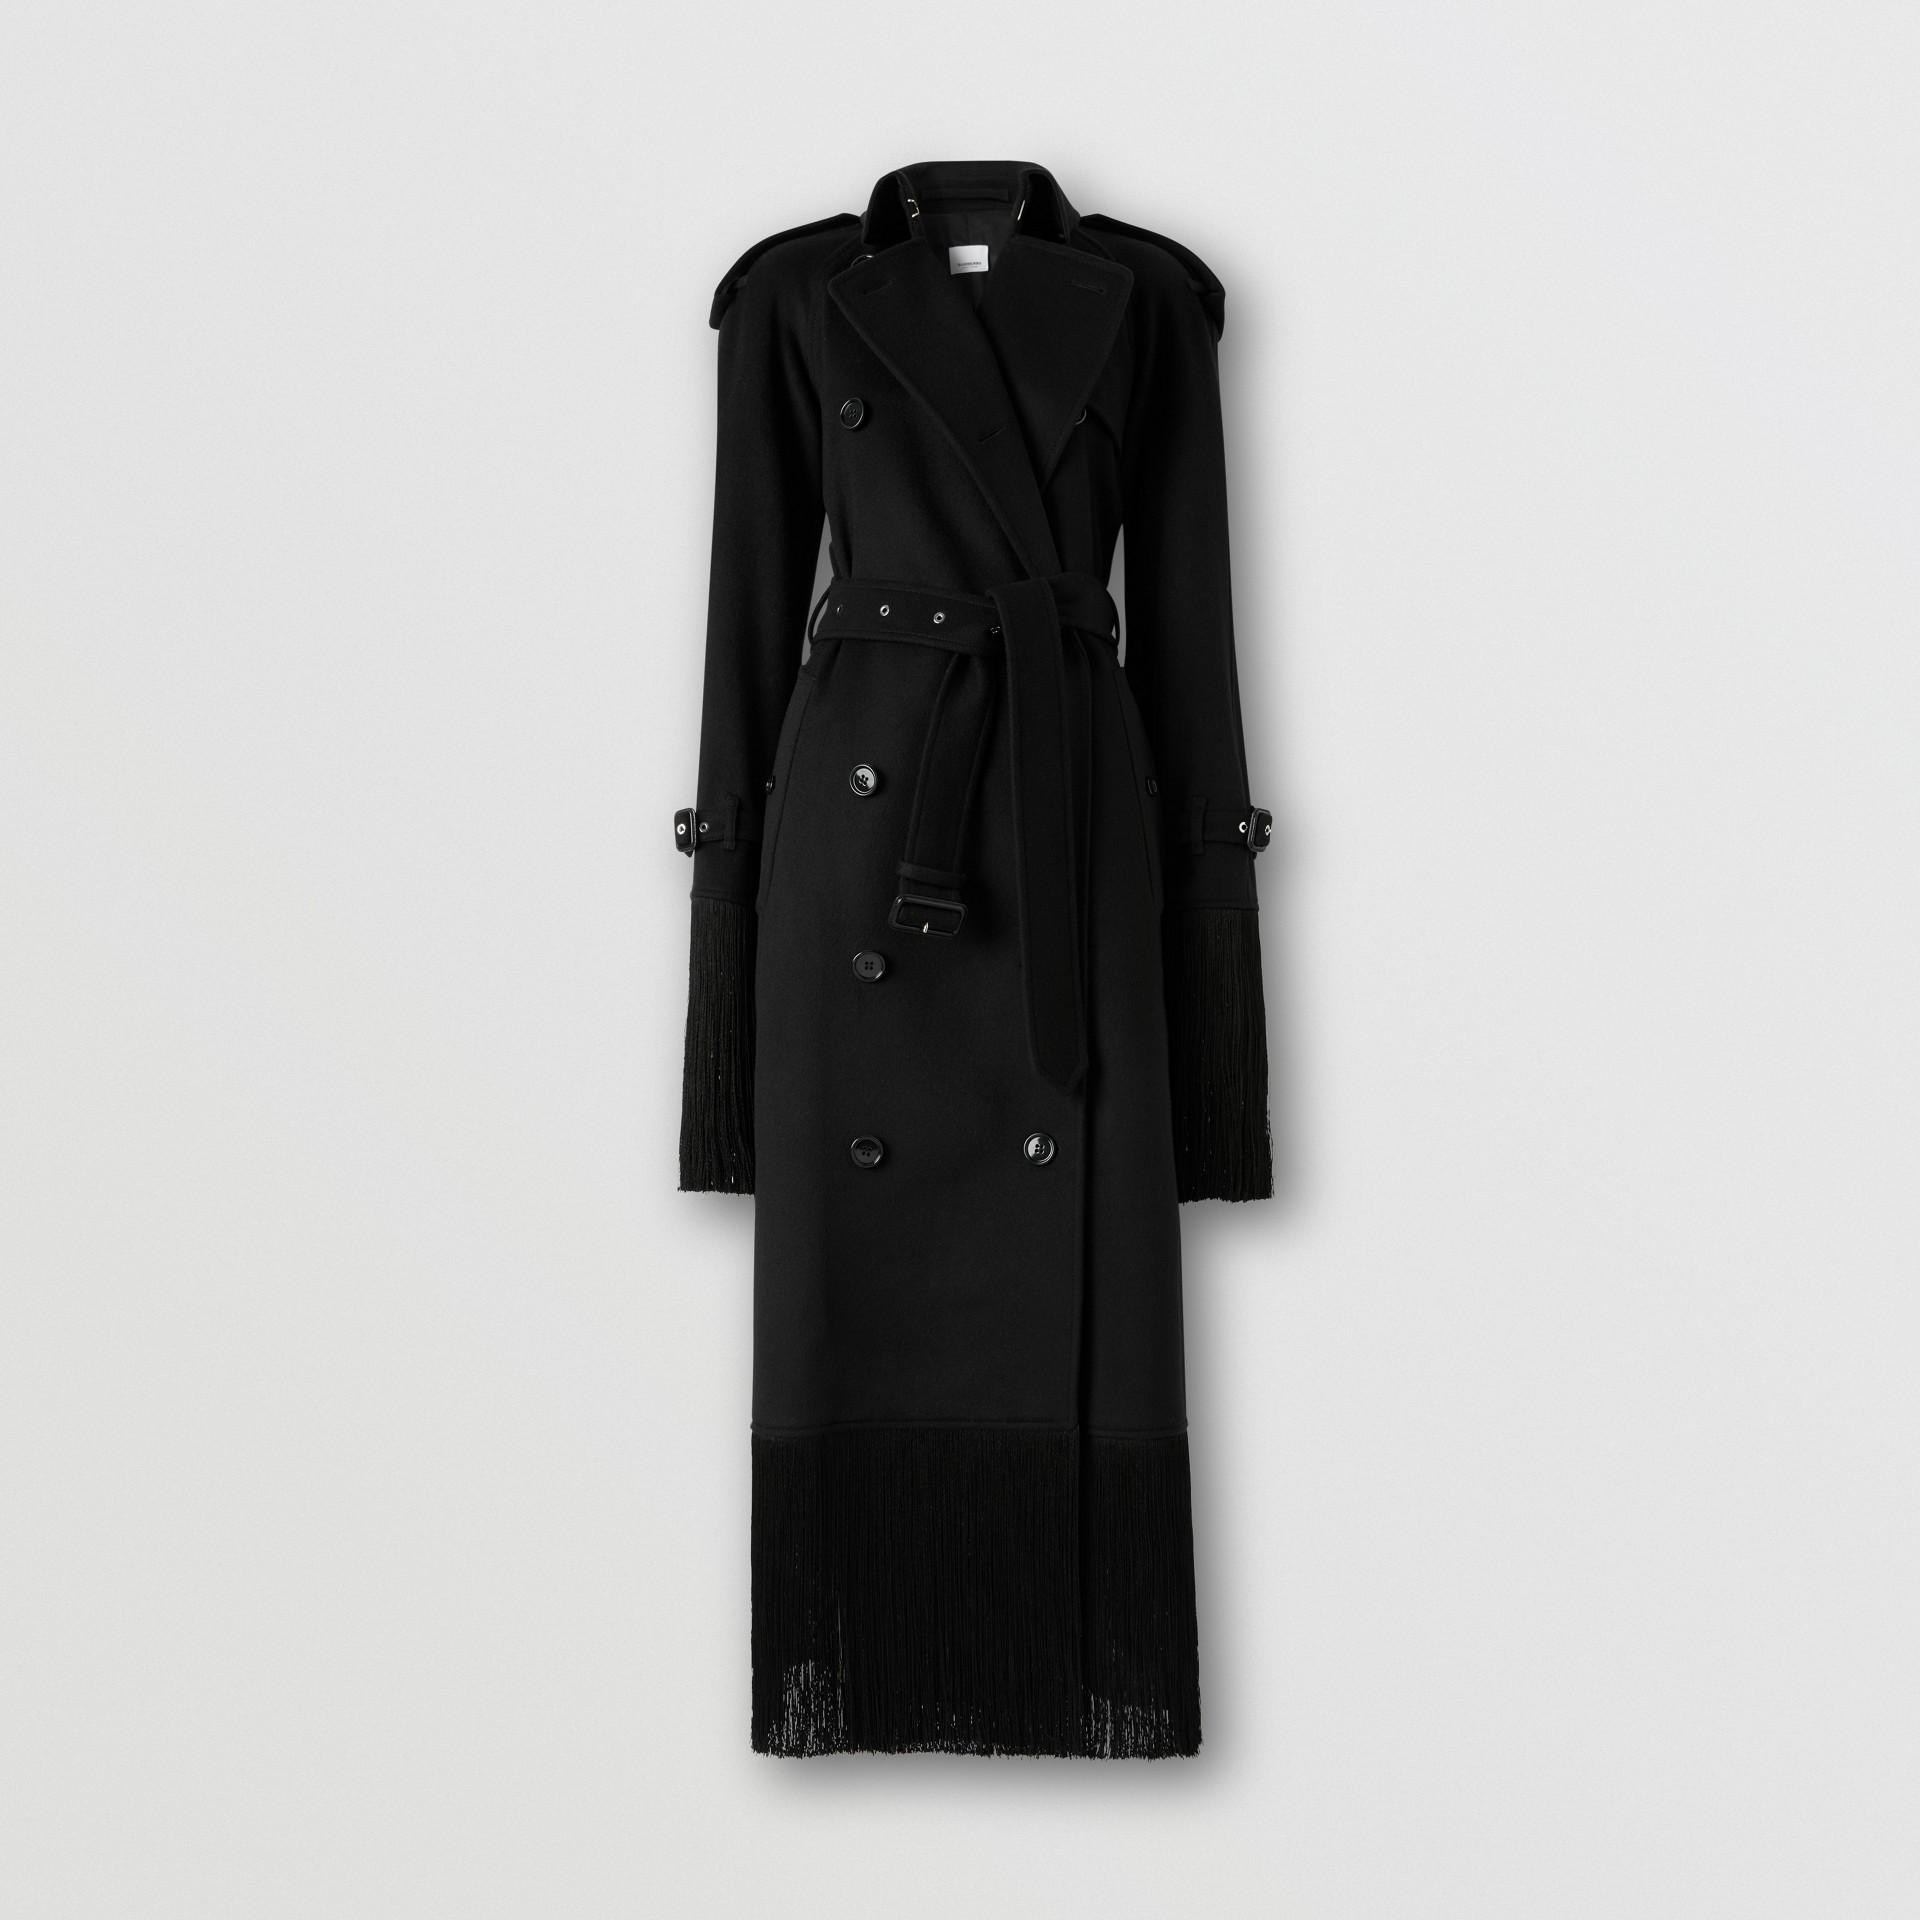 Тренч из шерсти и кашемира с бахромой (Черный) - Для женщин | Burberry - изображение 3